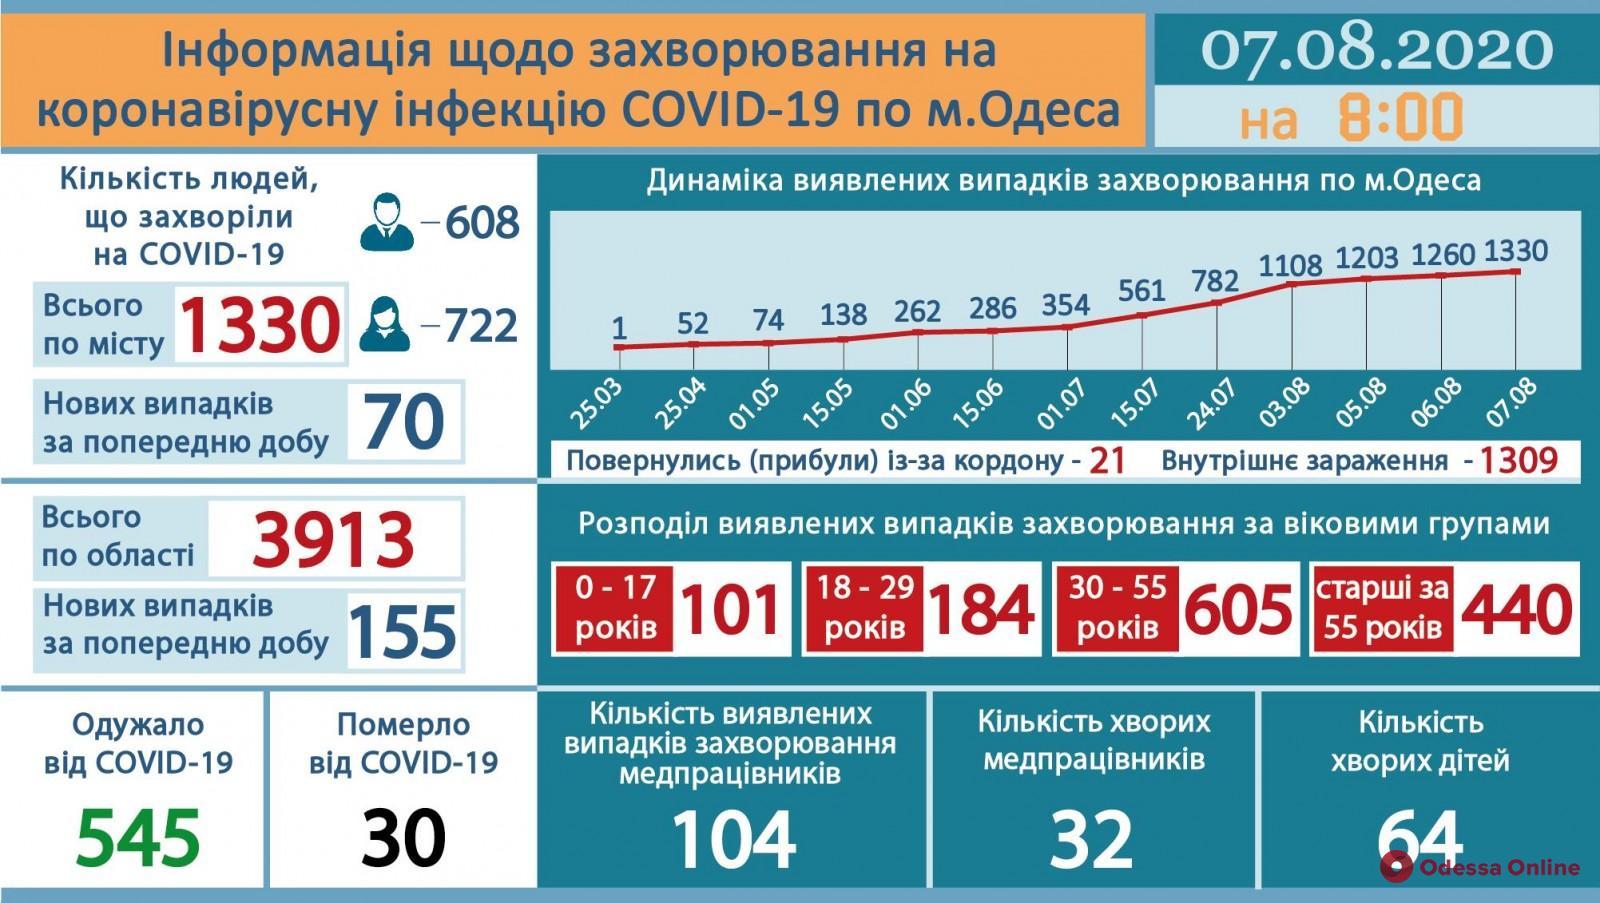 Коронавирус: в Одессе зафиксировали тридцатую смерть